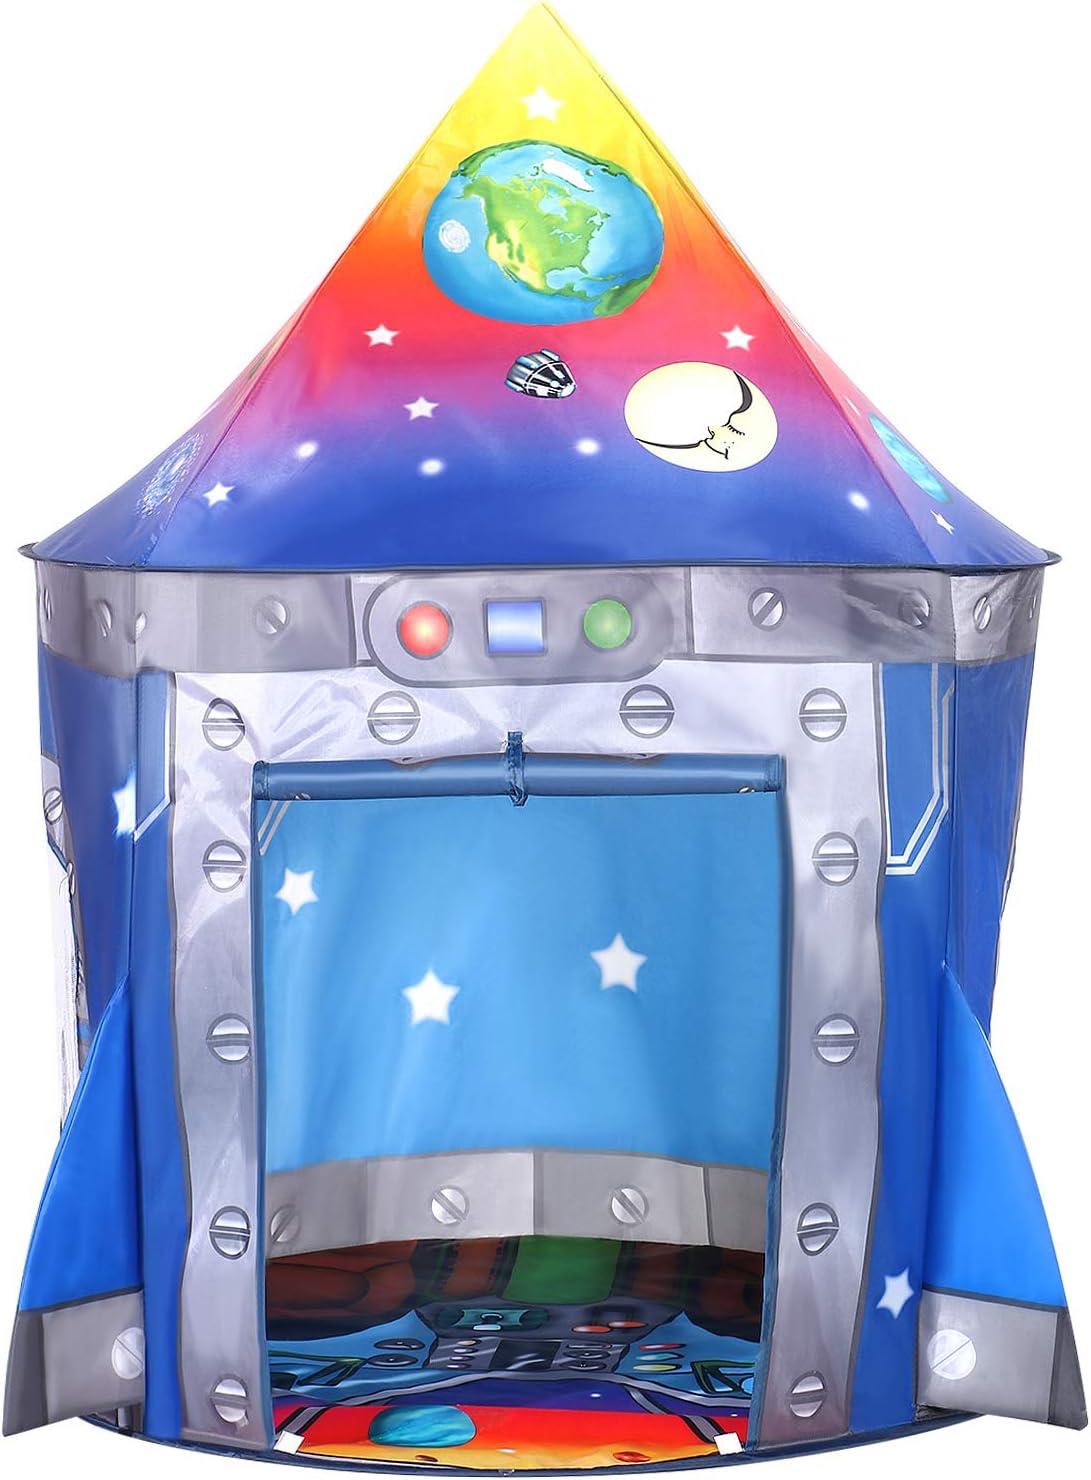 Tacobear Kinderspielzelt Junge Rakete Spielzelt f/ür Kinder Pop up Spielzelt Tragbare Faltbare Kinderzelt Spielhaus f/ür dinnen und drau/ßen mit Tragetasche